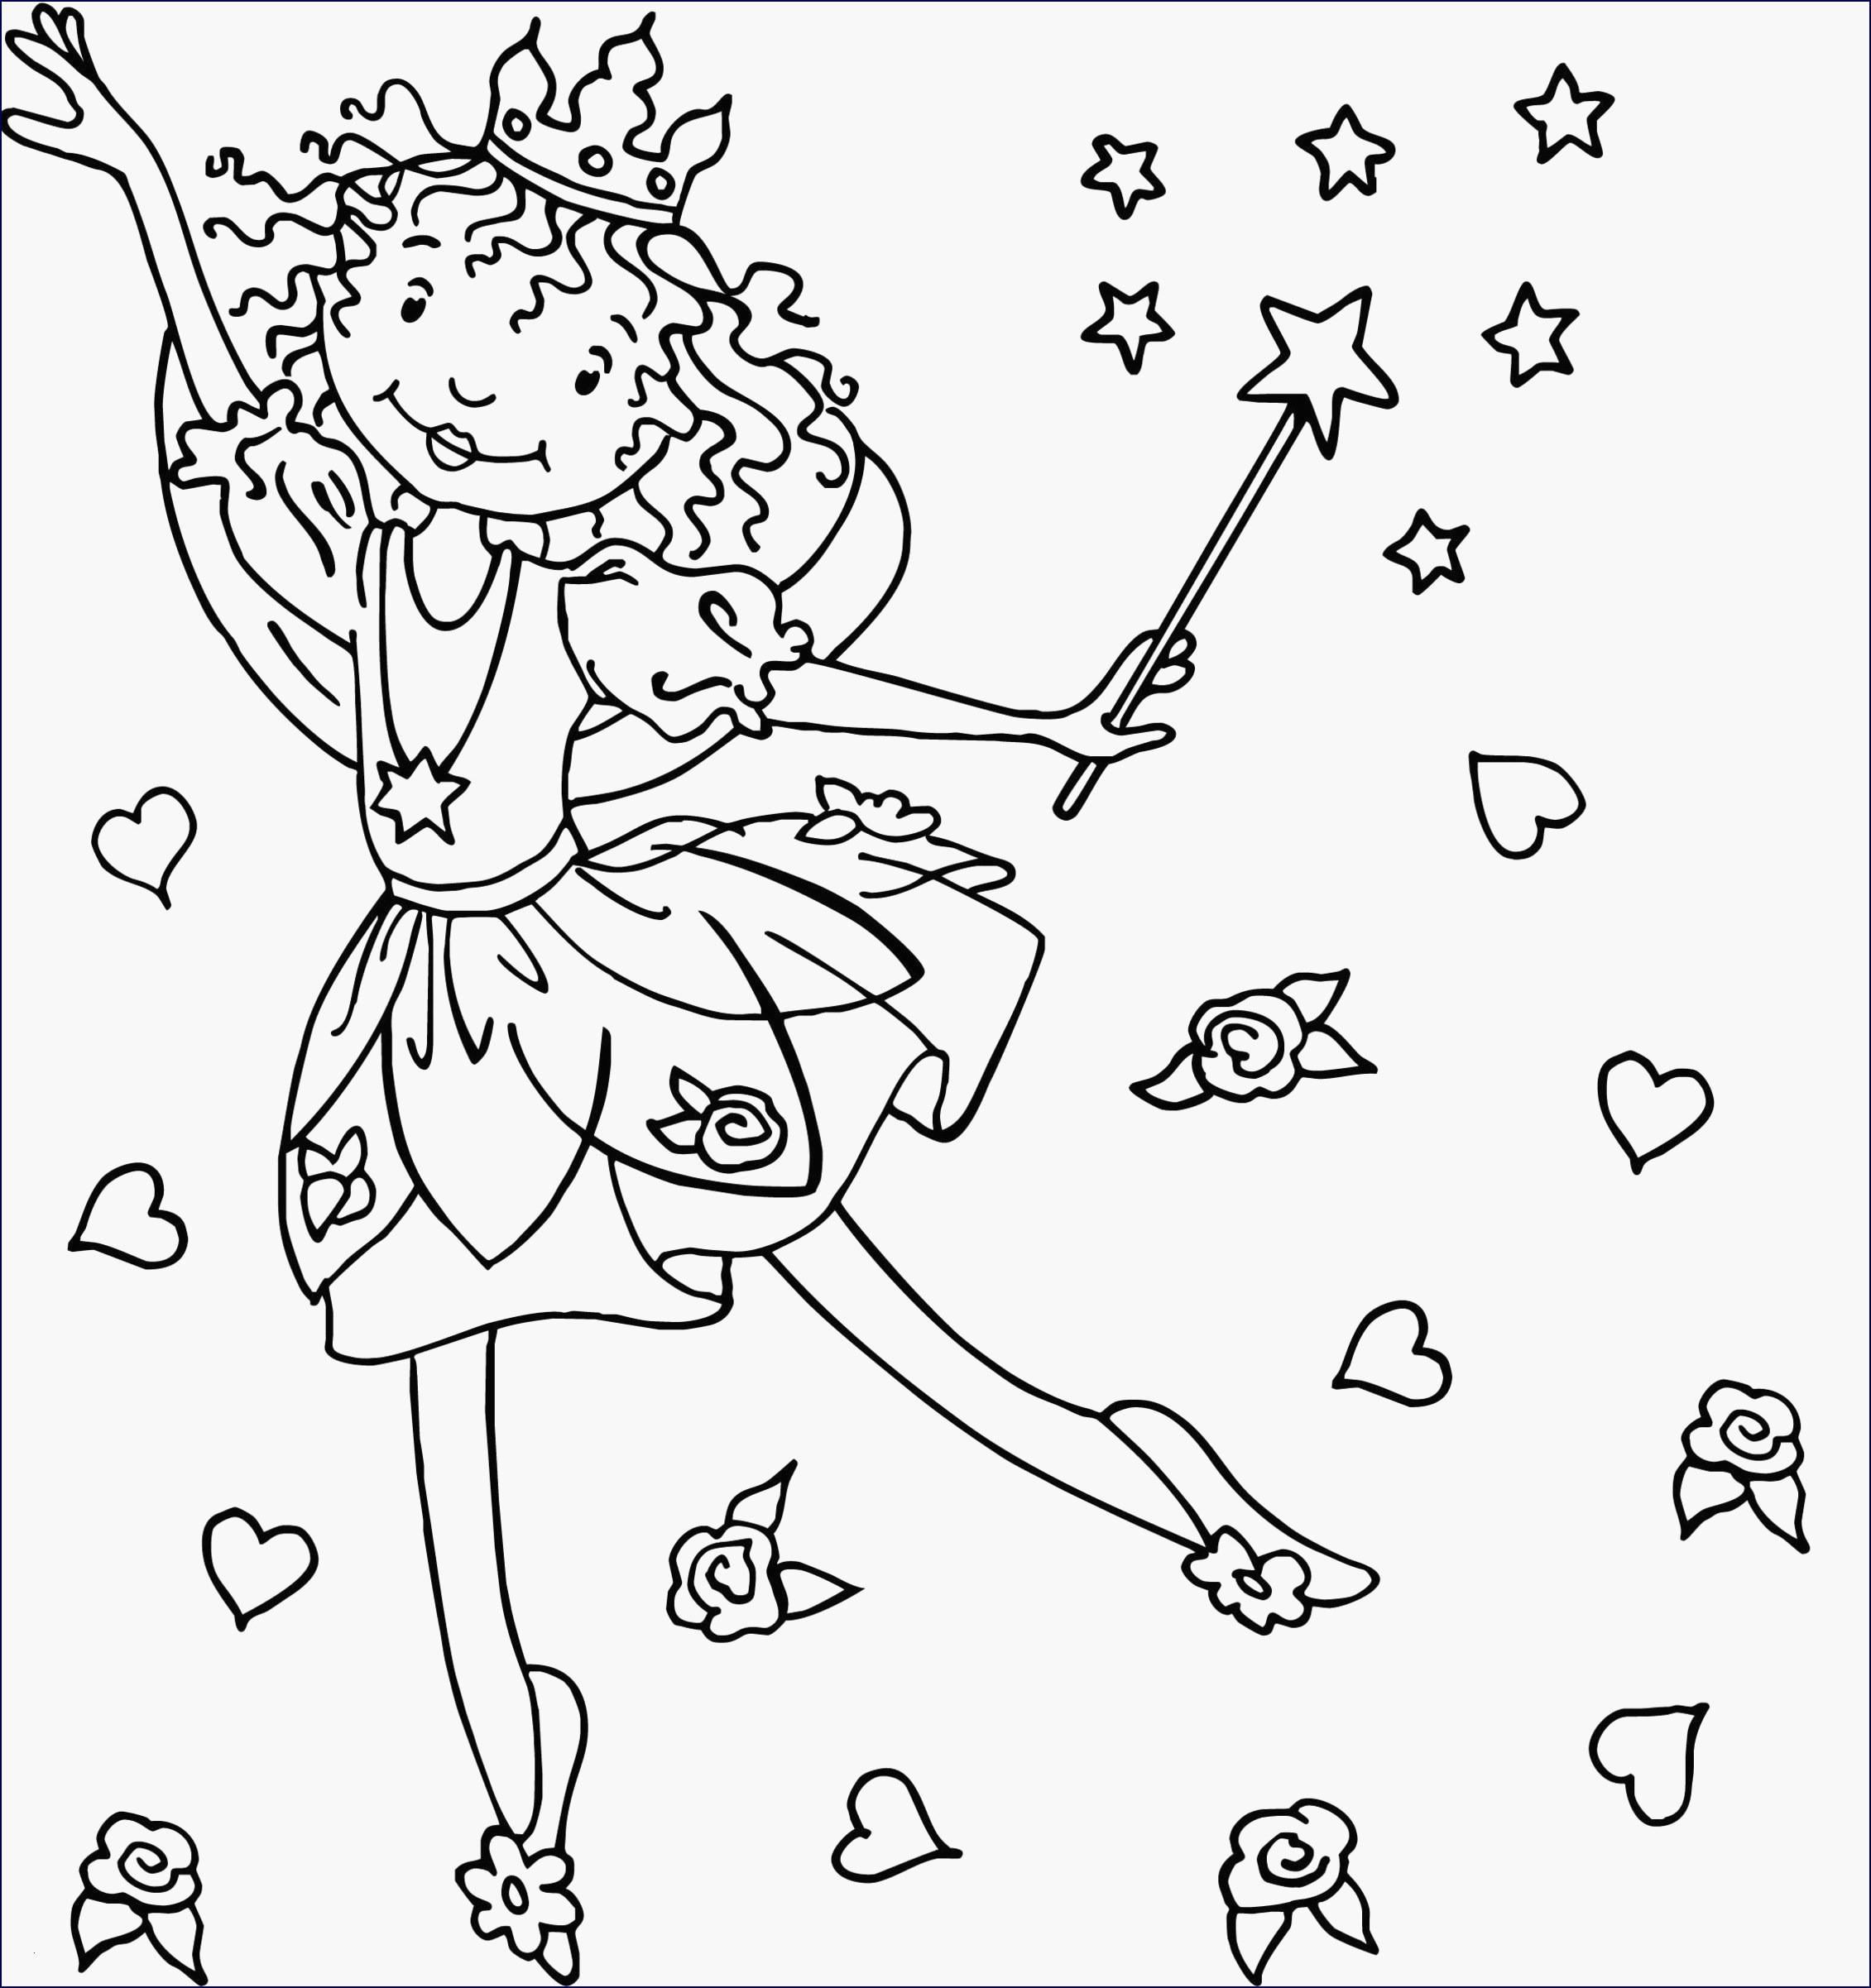 Ausmalbilder Prinzessin sofia Frisch 40 Ausmalbilder Prinzessin Elsa Scoredatscore Luxus sofia Die Erste Stock